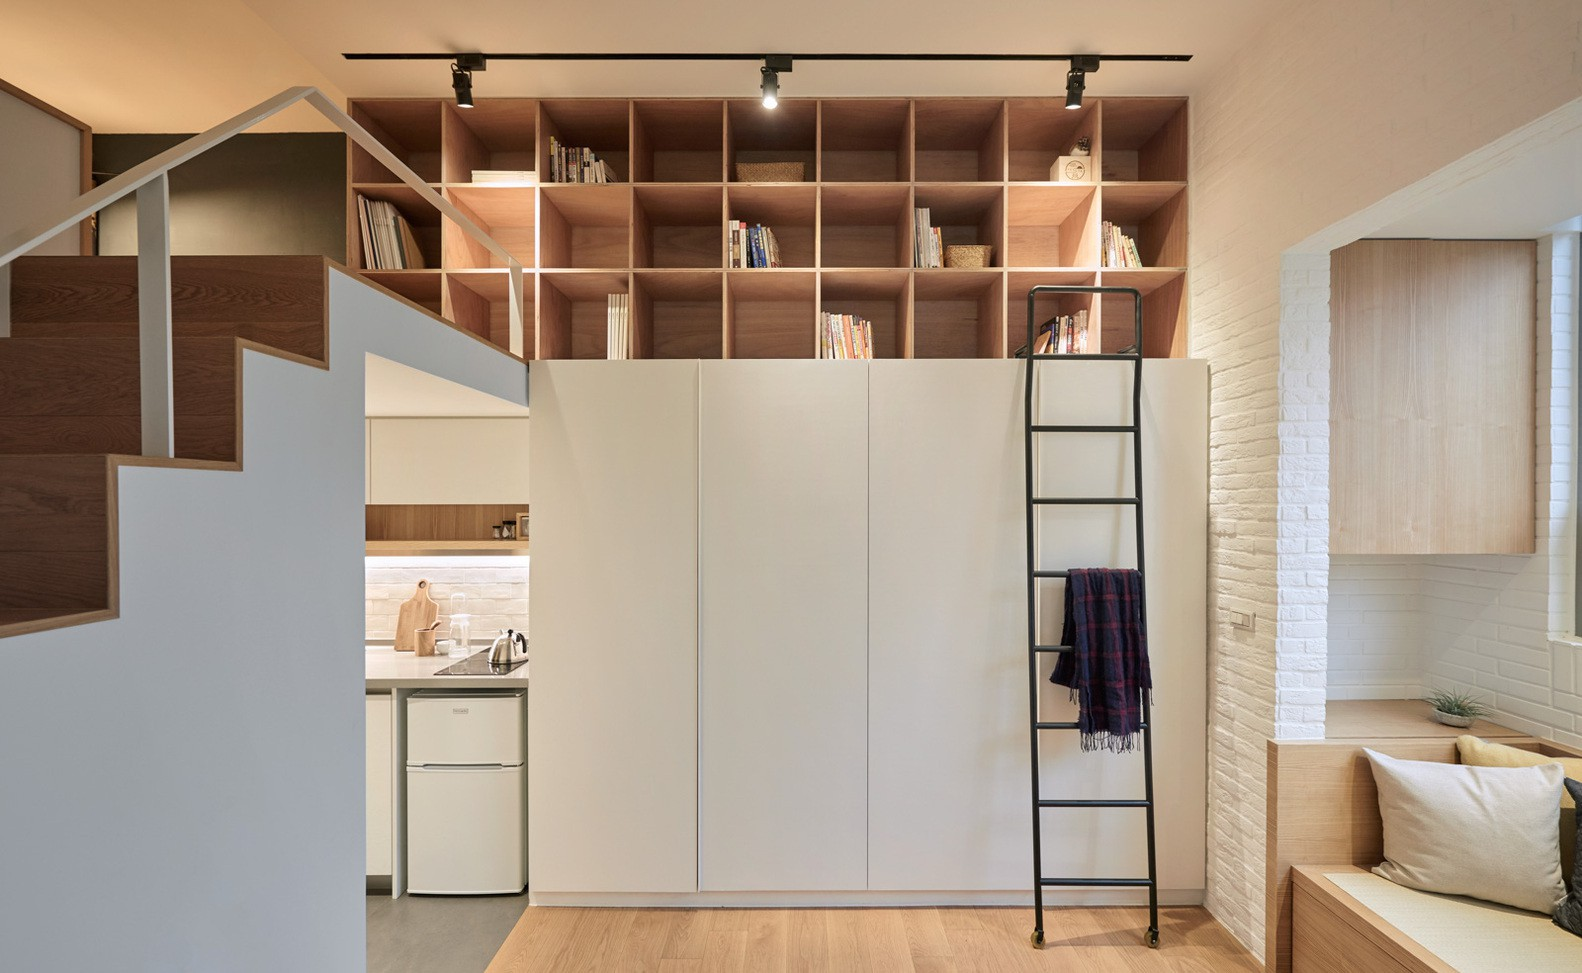 11 cách lưu trữ đồ đạc chứng minh cho bạn thấy: Ở nhà nhỏ không đáng sợ, đáng sợ là không nghĩ ra cách cất đồ mà thôi! - Ảnh 4.